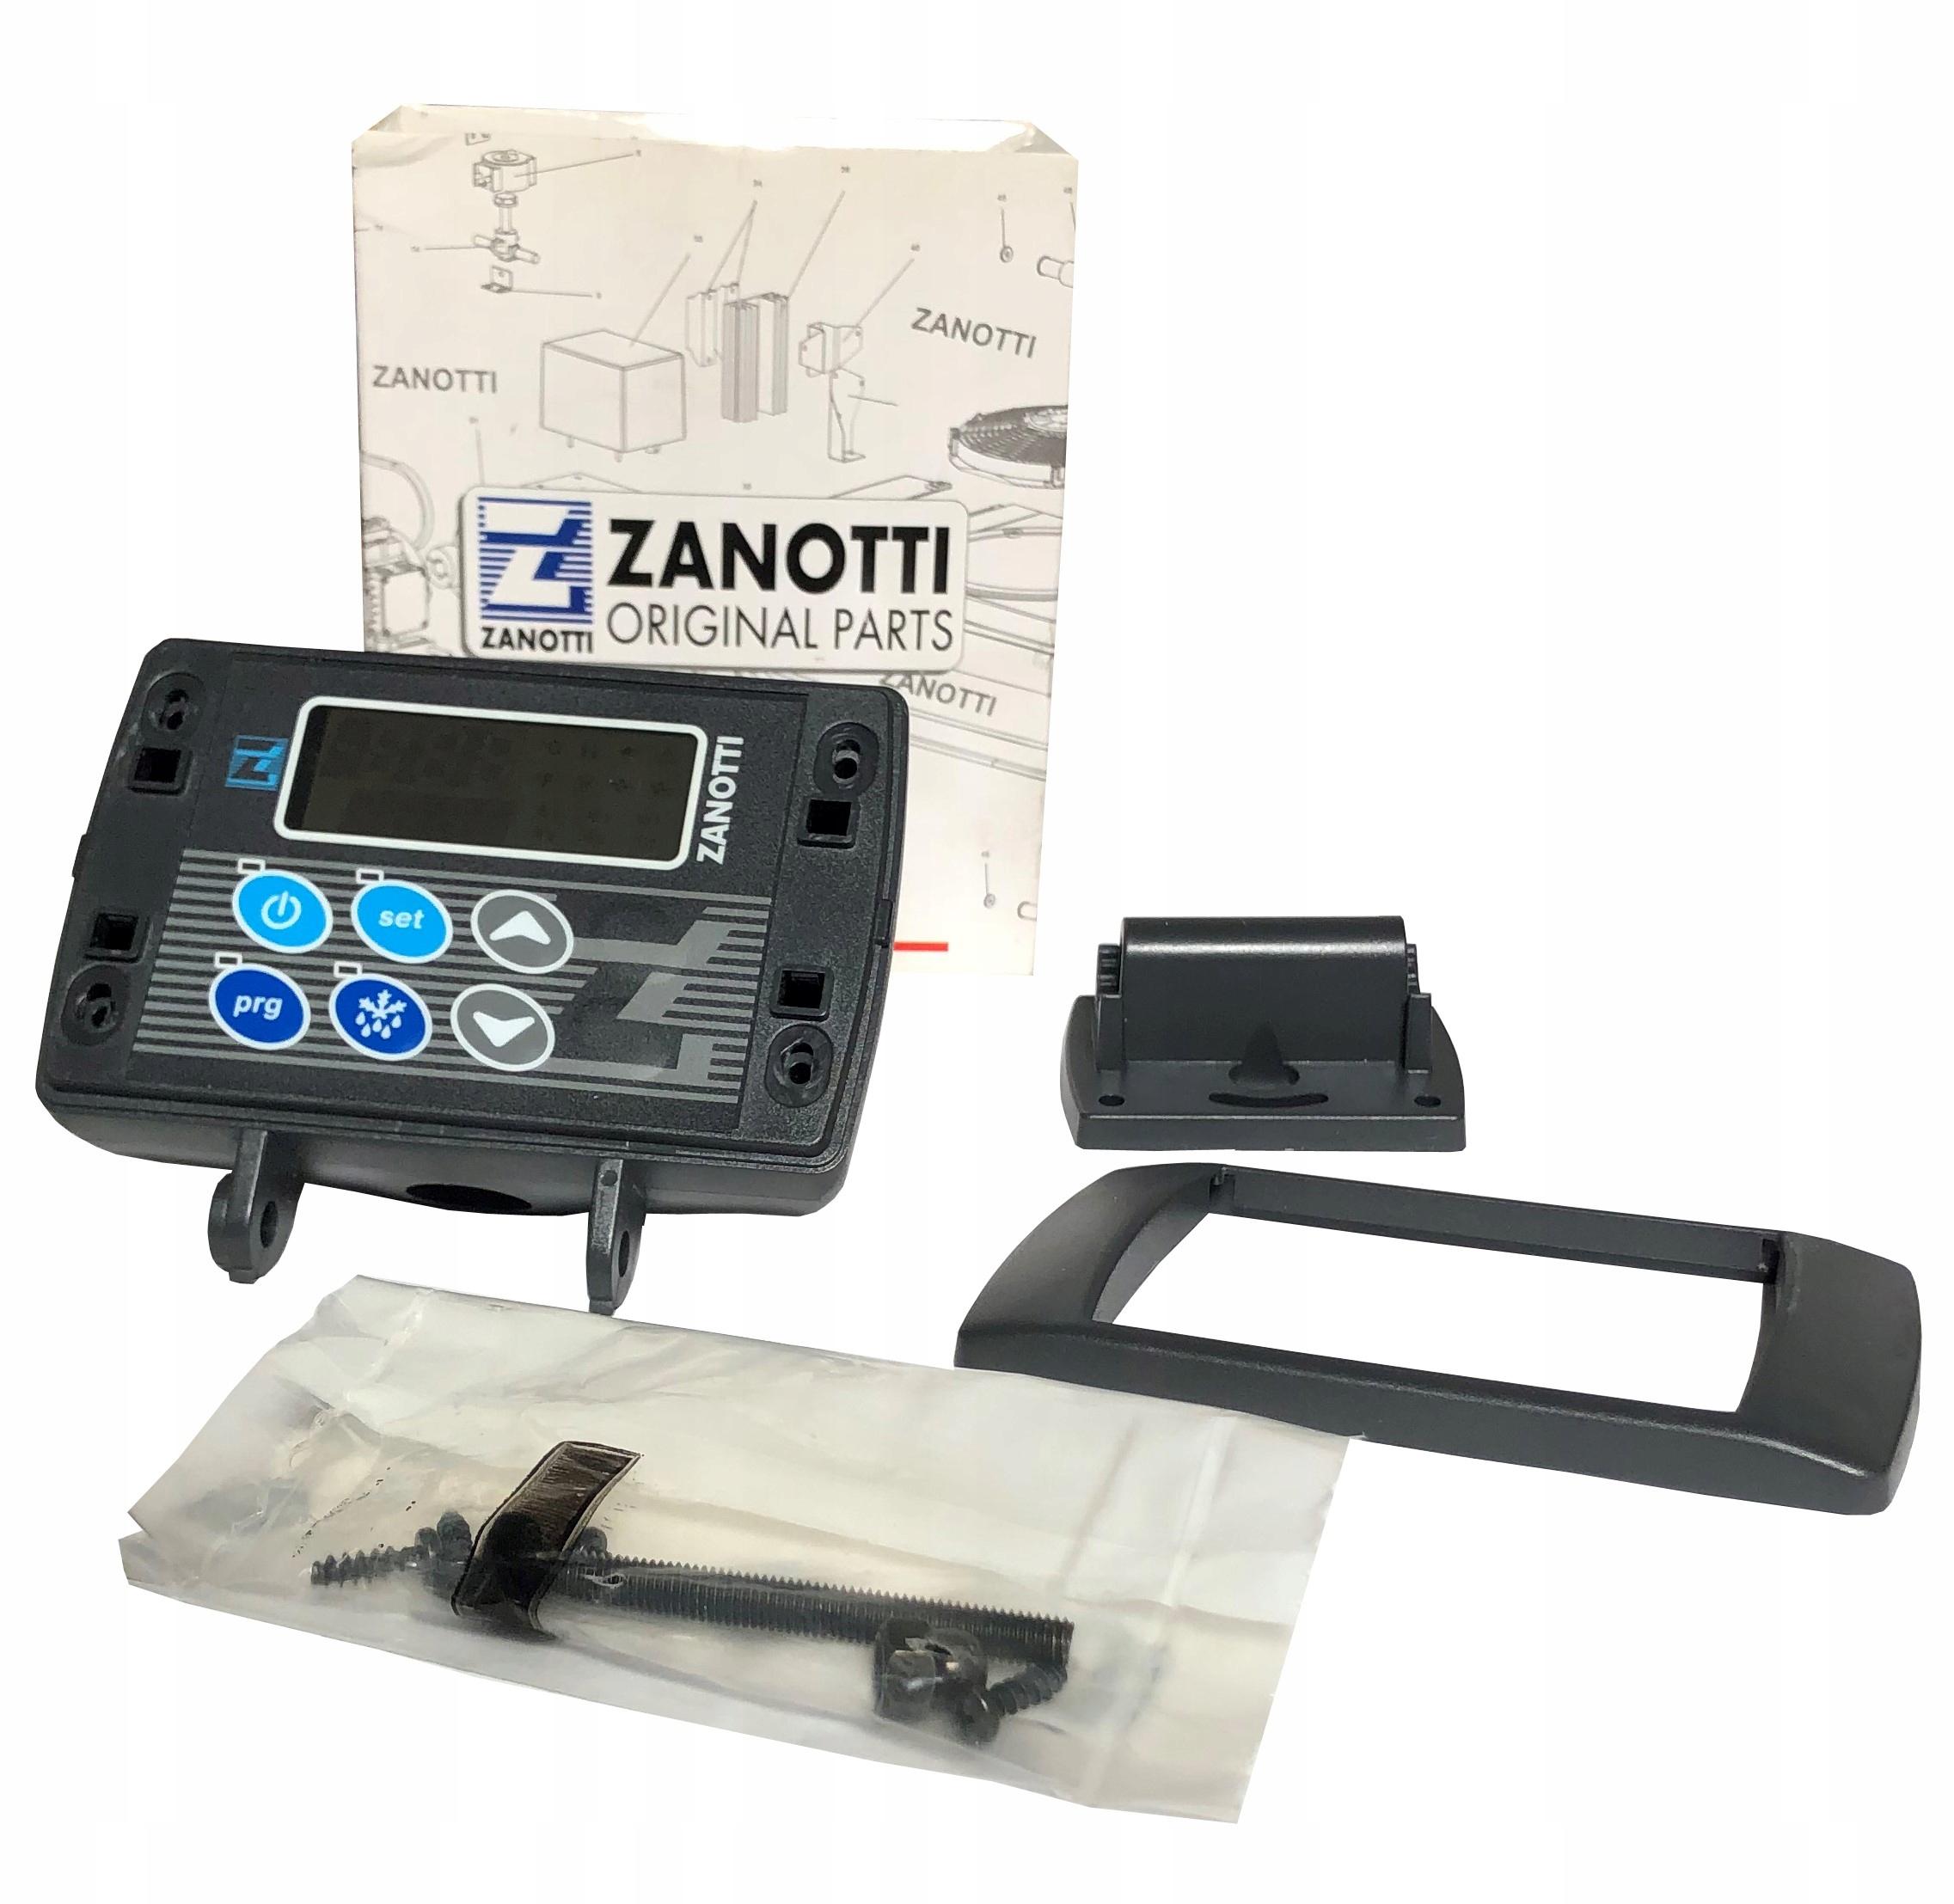 драйвер кабины приводимый в действие zanotti z панель